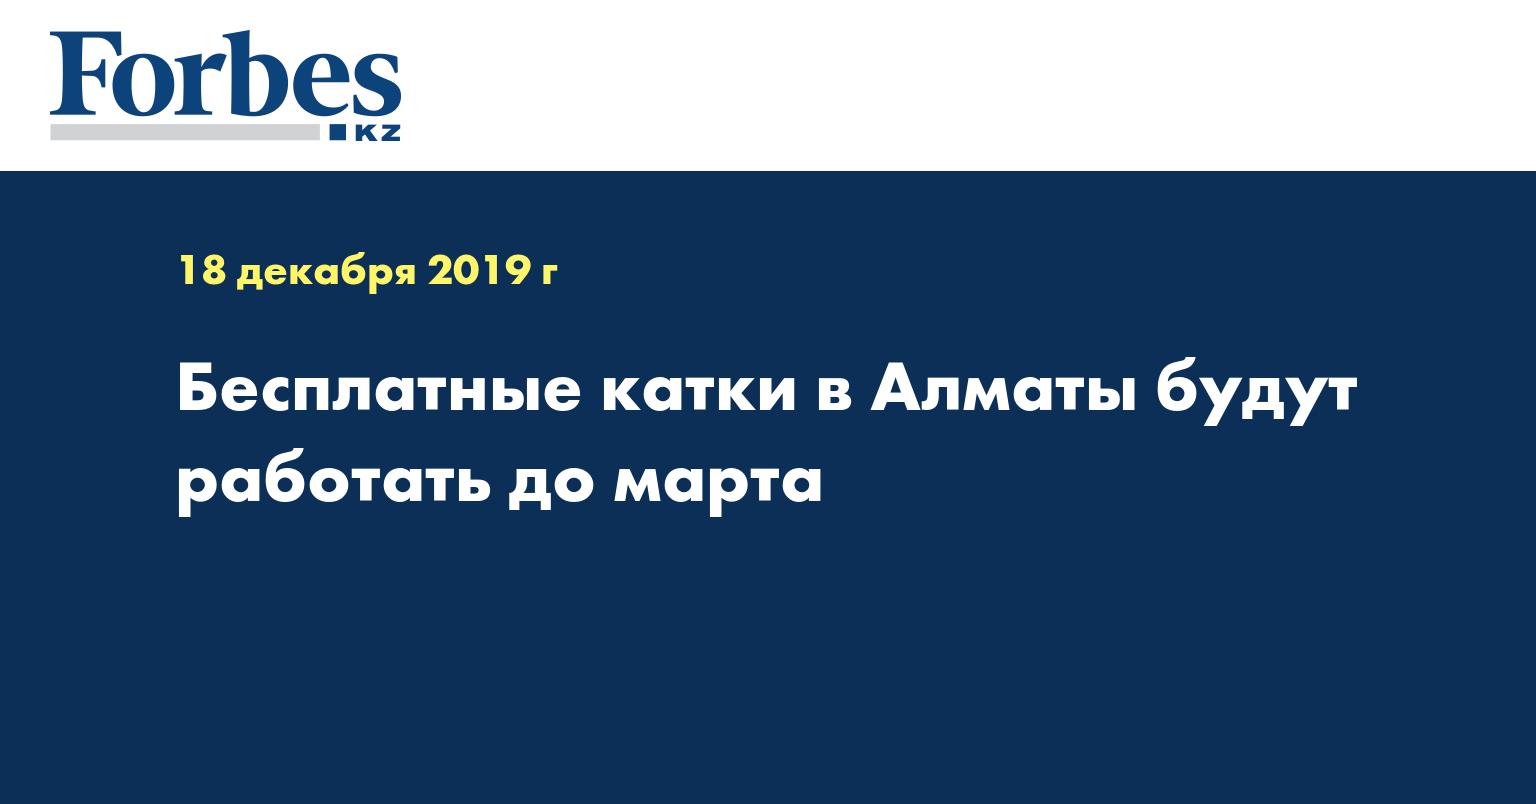 Бесплатные катки в Алматы будут работать до марта